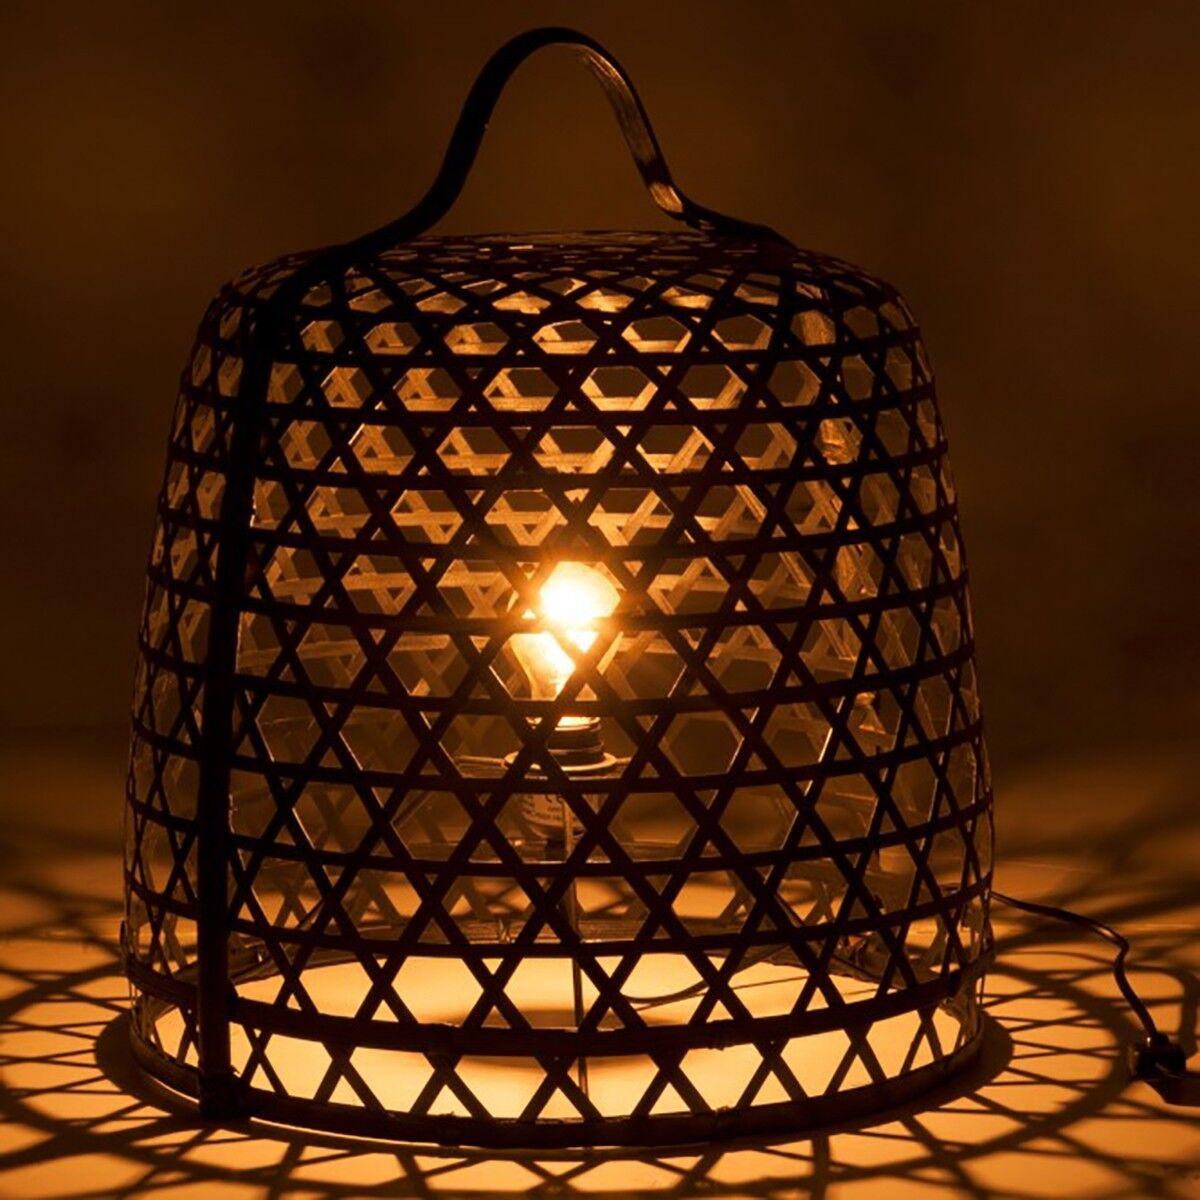 BOIS DESSUS BOIS DESSOUS Lampe à poser en bambou noir et métal BOIS DESSUS BOIS DESSOUS